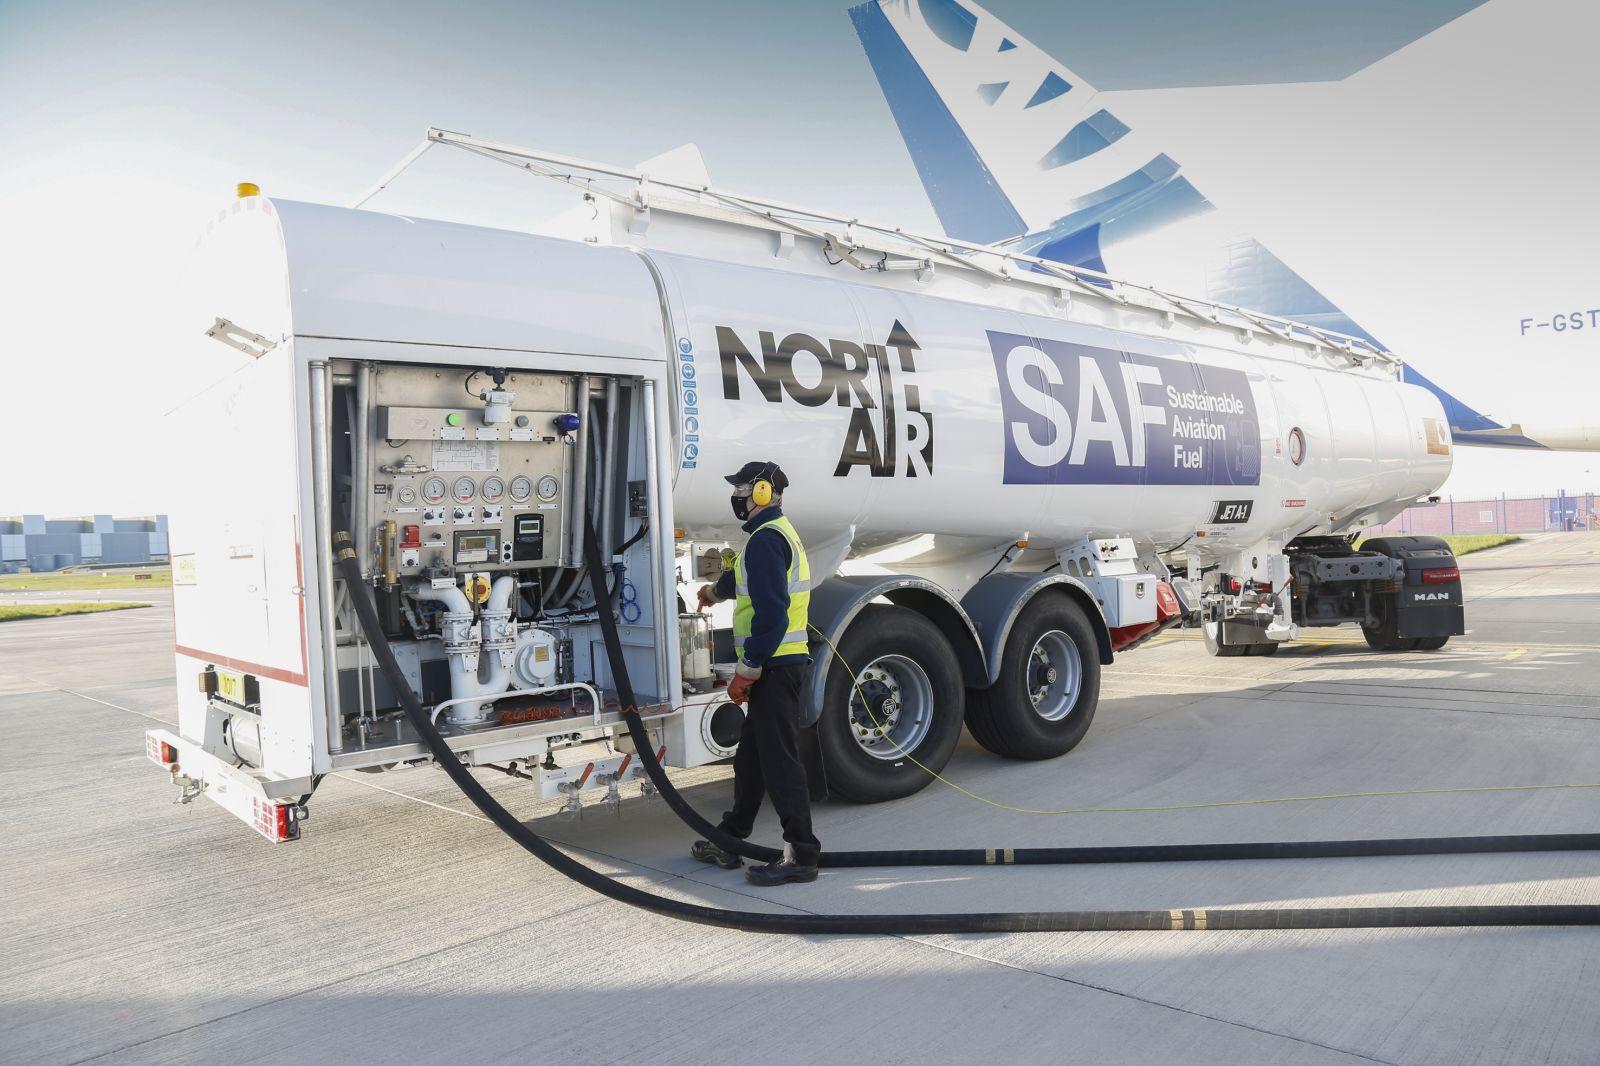 Airbus допълнително намалява въздействието върху околната среда от транспортните самолети Beluga с горивото SAF (ЕКСКЛУЗИВНИ СНИМКИ)